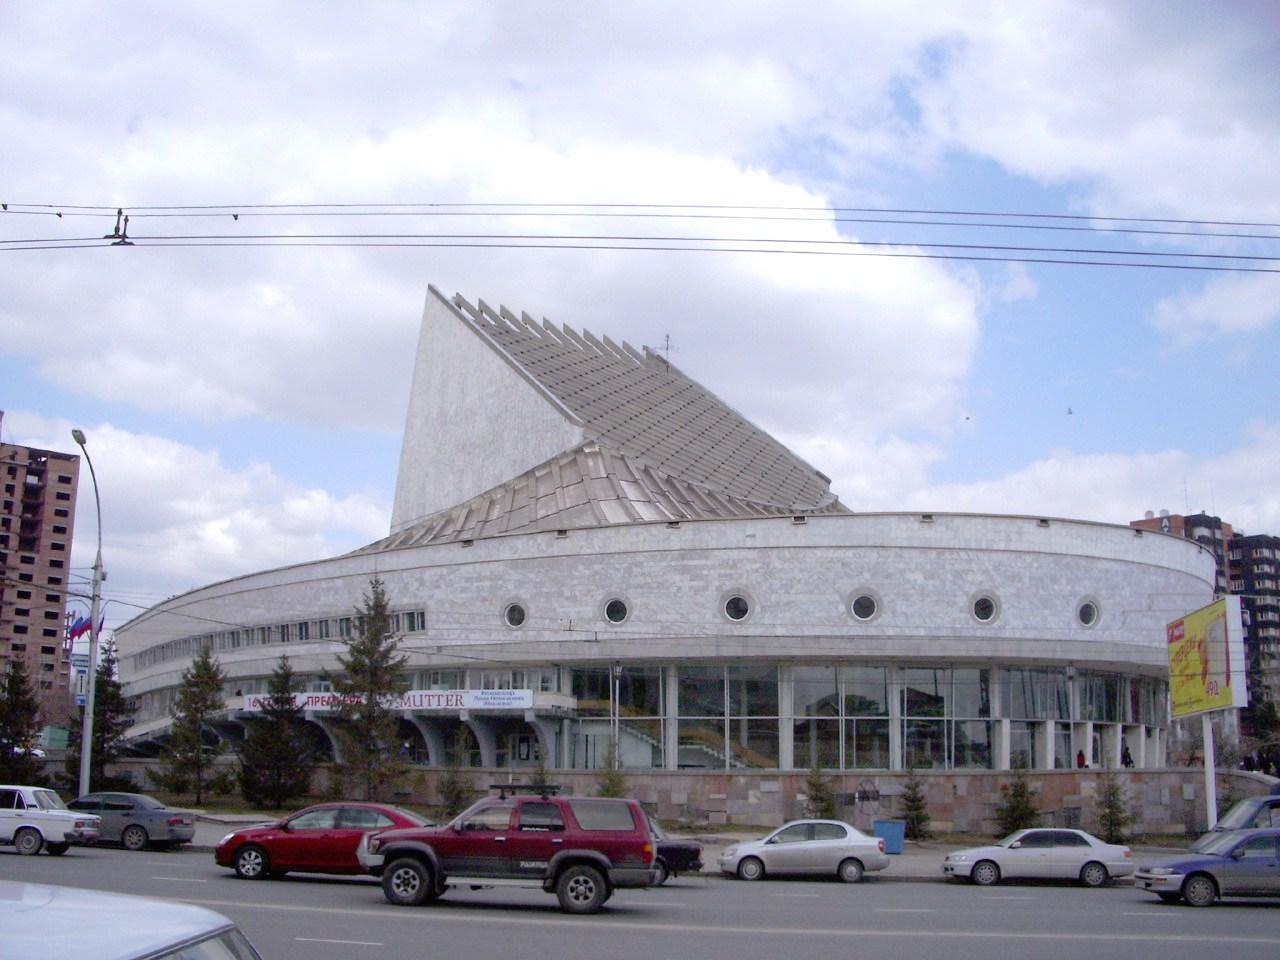 цены на билеты в театр в новосибирске глобус